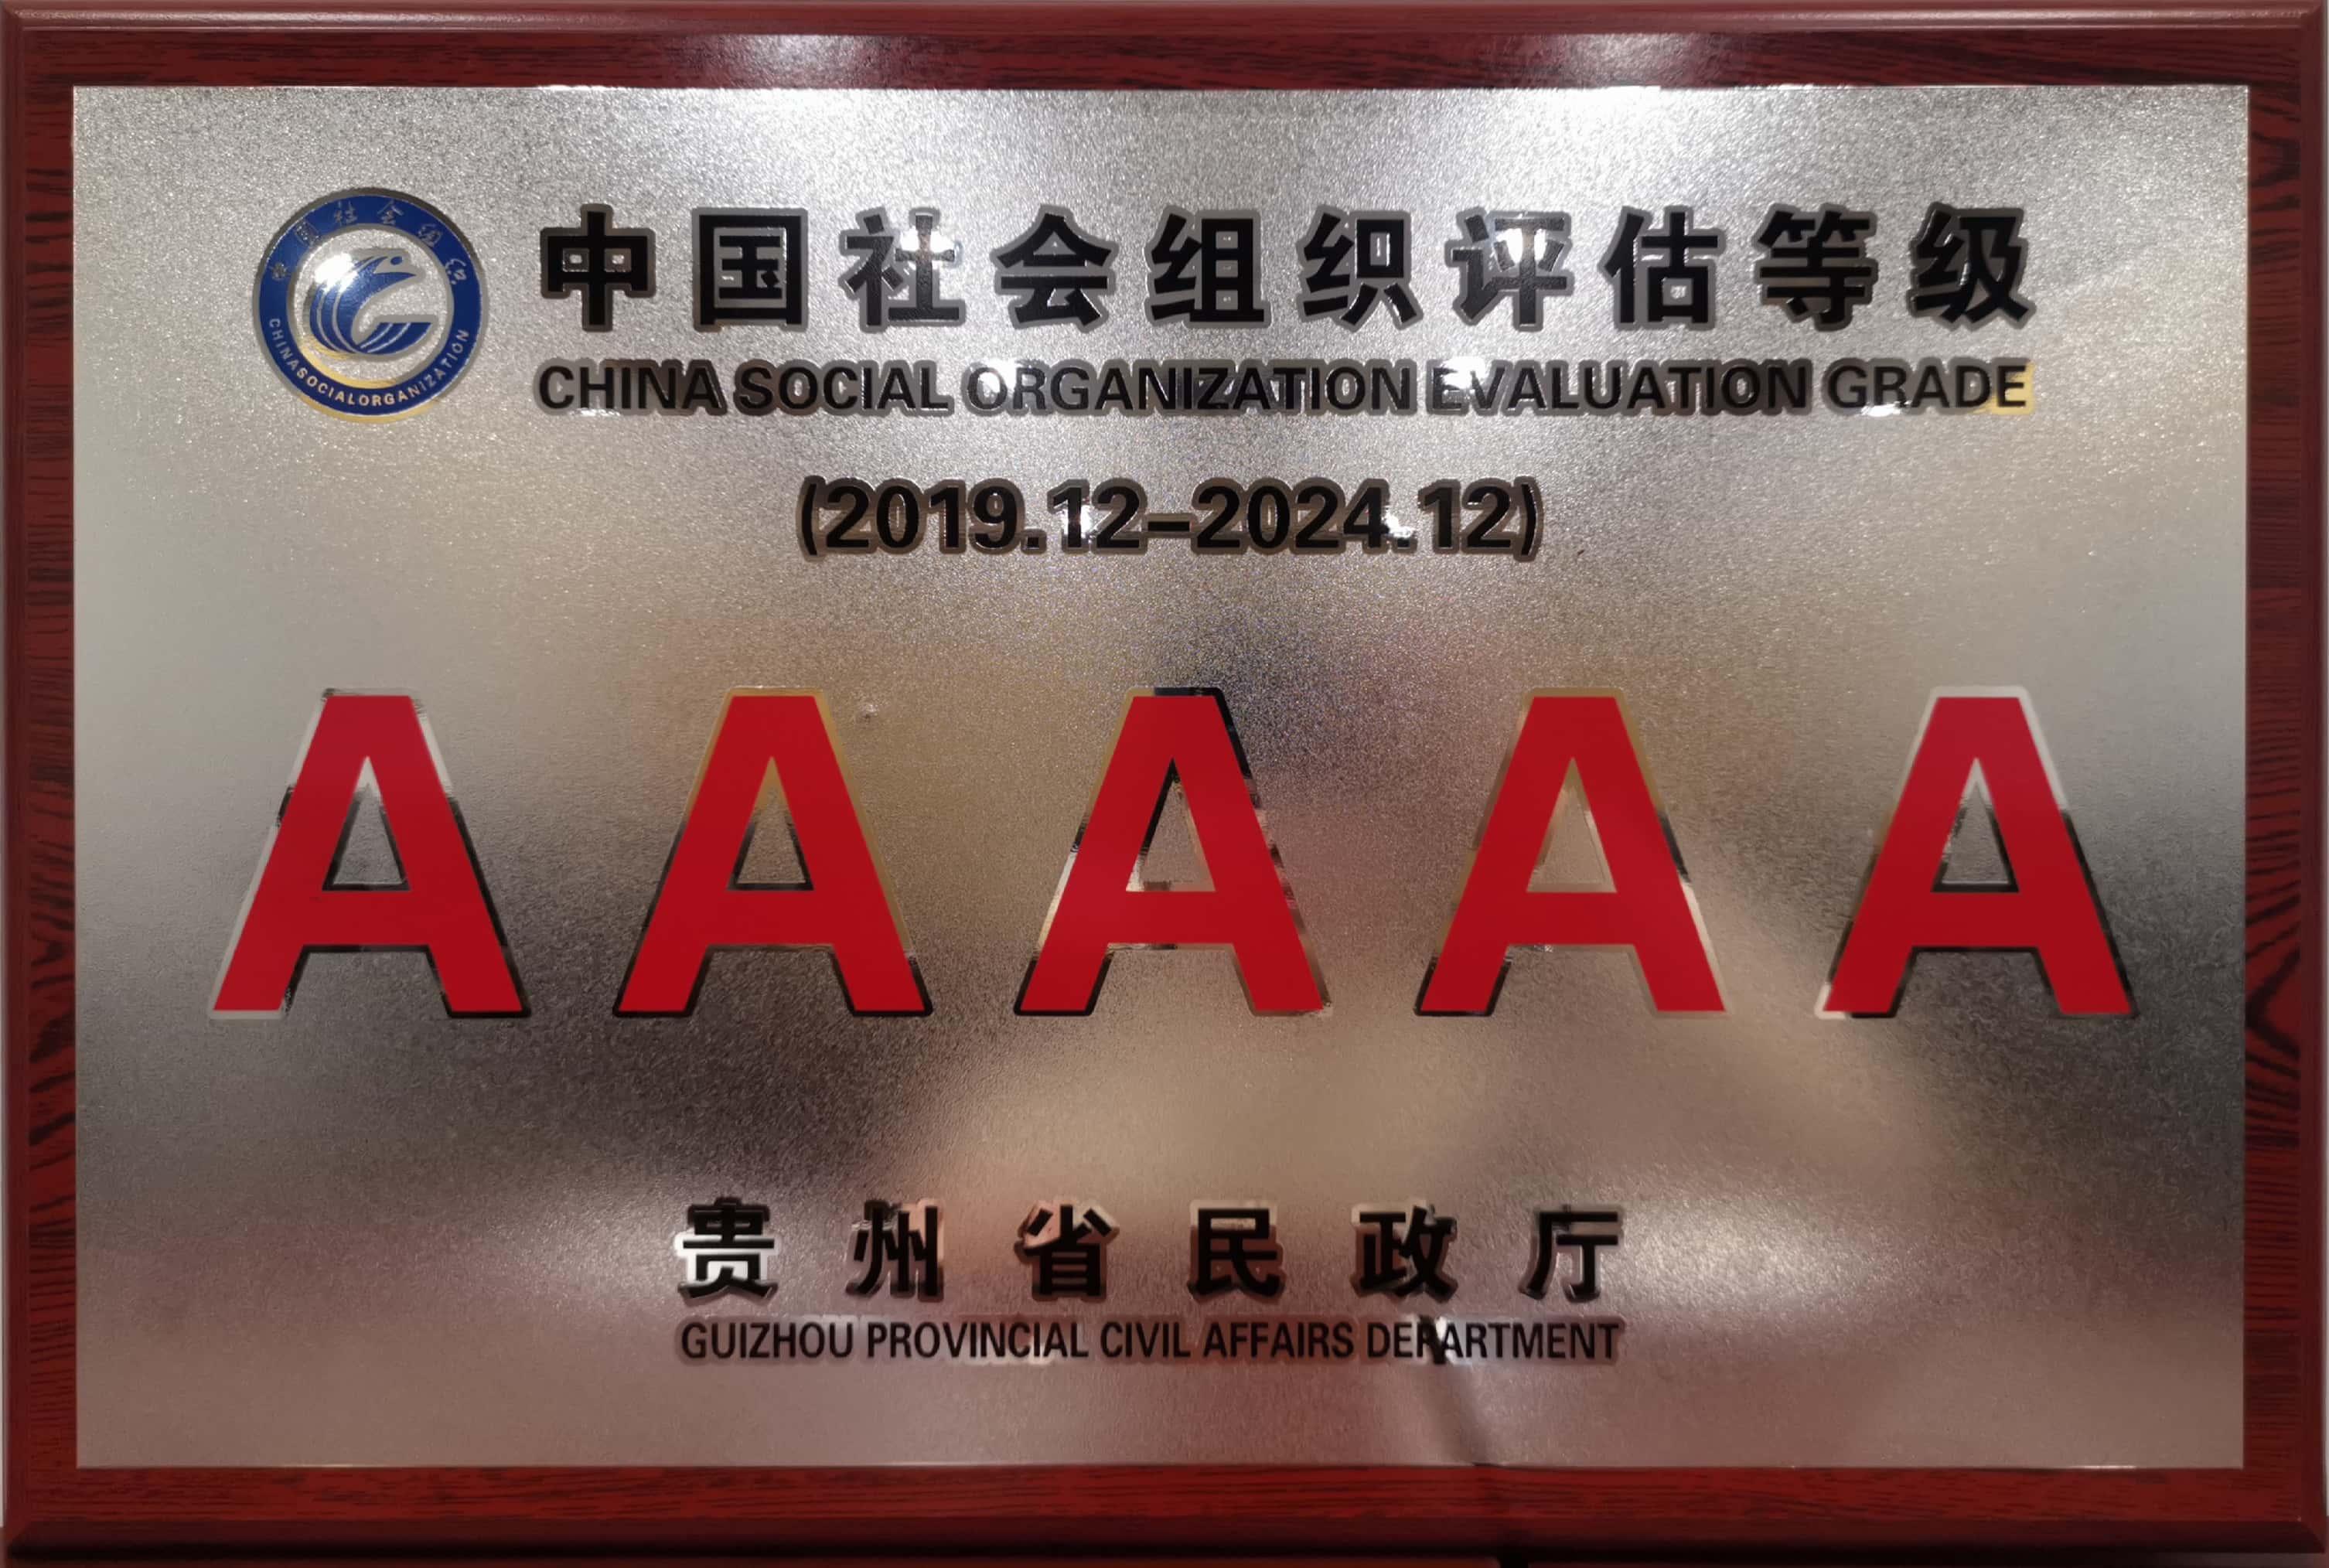 貴州省建筑業協會獲AAAAA級中國社會組織評估等級榮譽